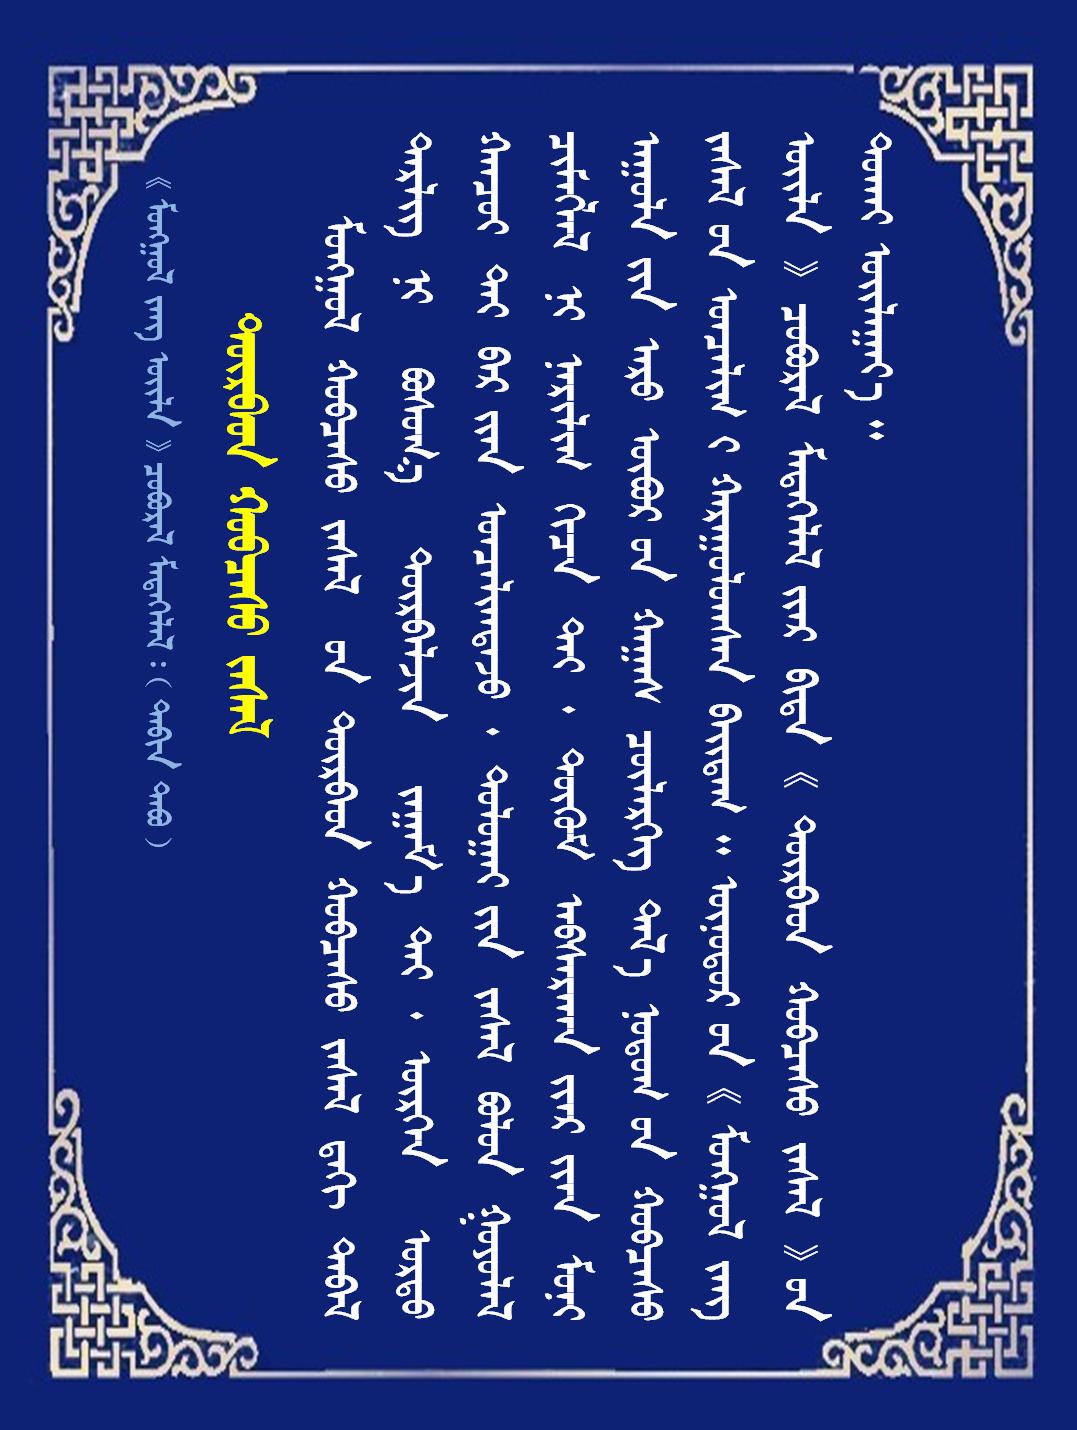 《爱上内蒙古》: 话说蒙古族民俗系列报道(55)四子王服饰 第1张 《爱上内蒙古》: 话说蒙古族民俗系列报道(55)四子王服饰 蒙古服饰